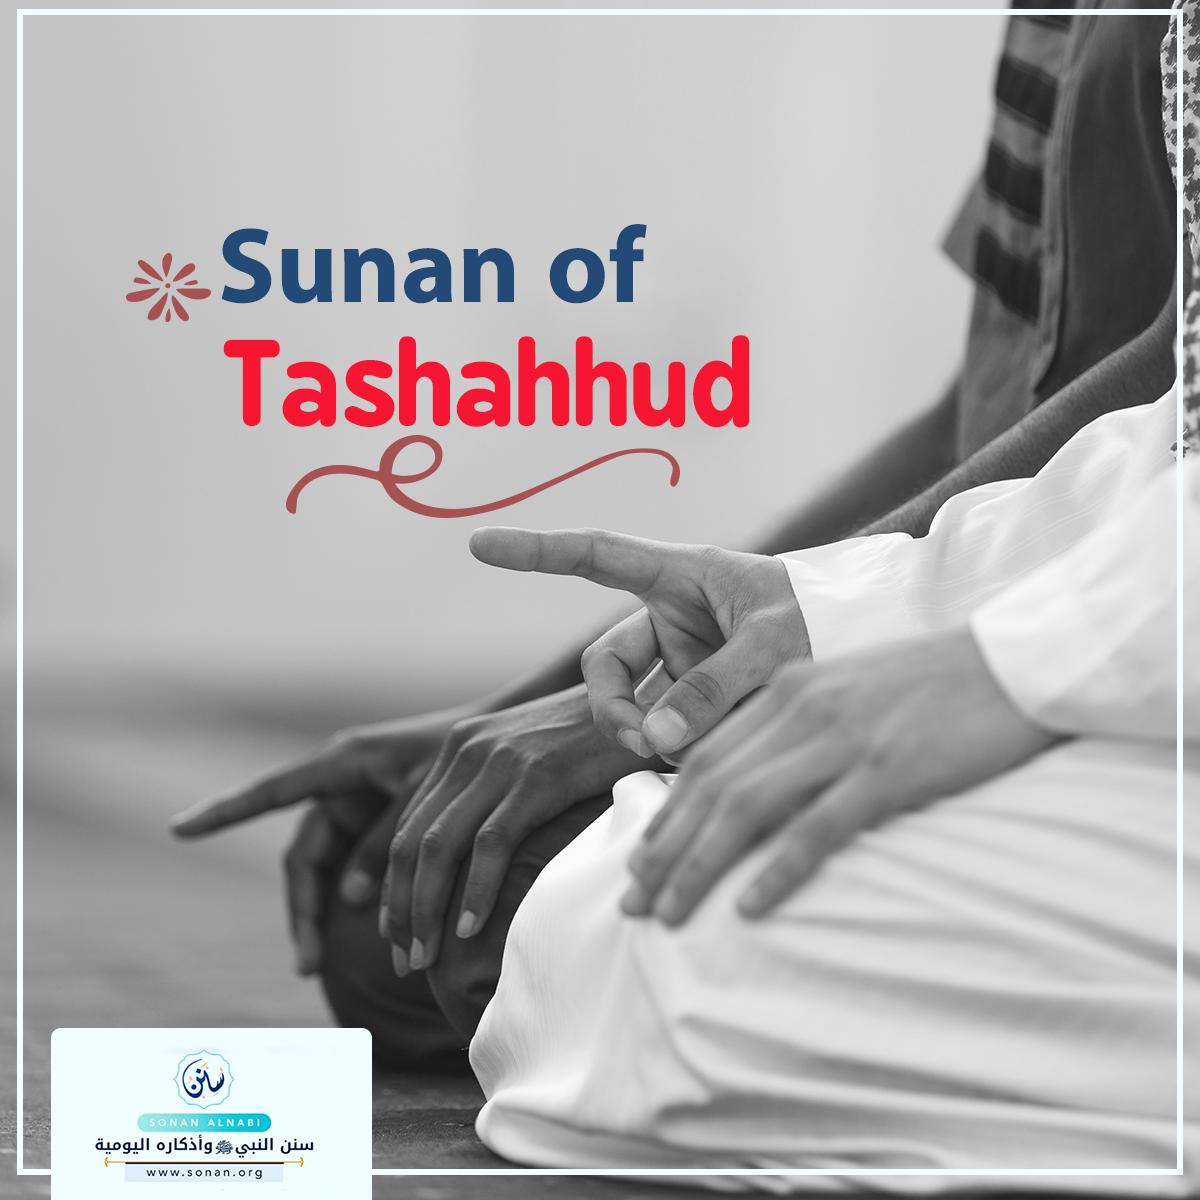 Sunan of Tashahhud.